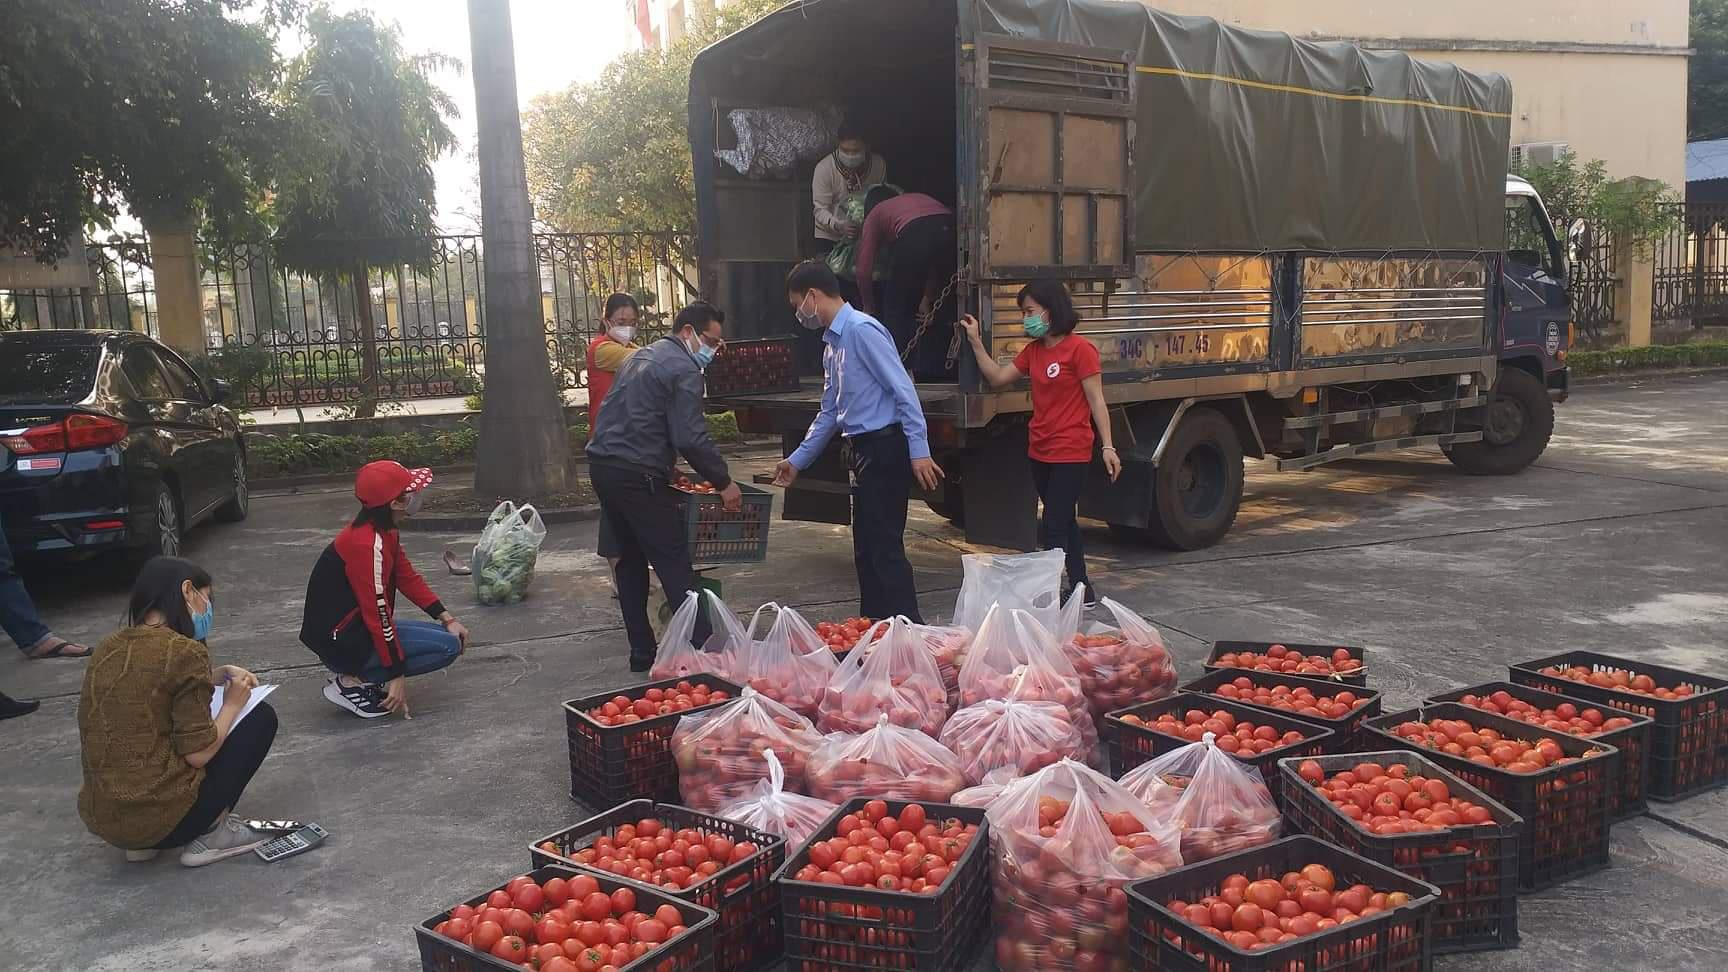 Lo ngại điều này, Sở NNPTNT tỉnh Hải Dương công khai giá từng loại nông sản - Ảnh 1.